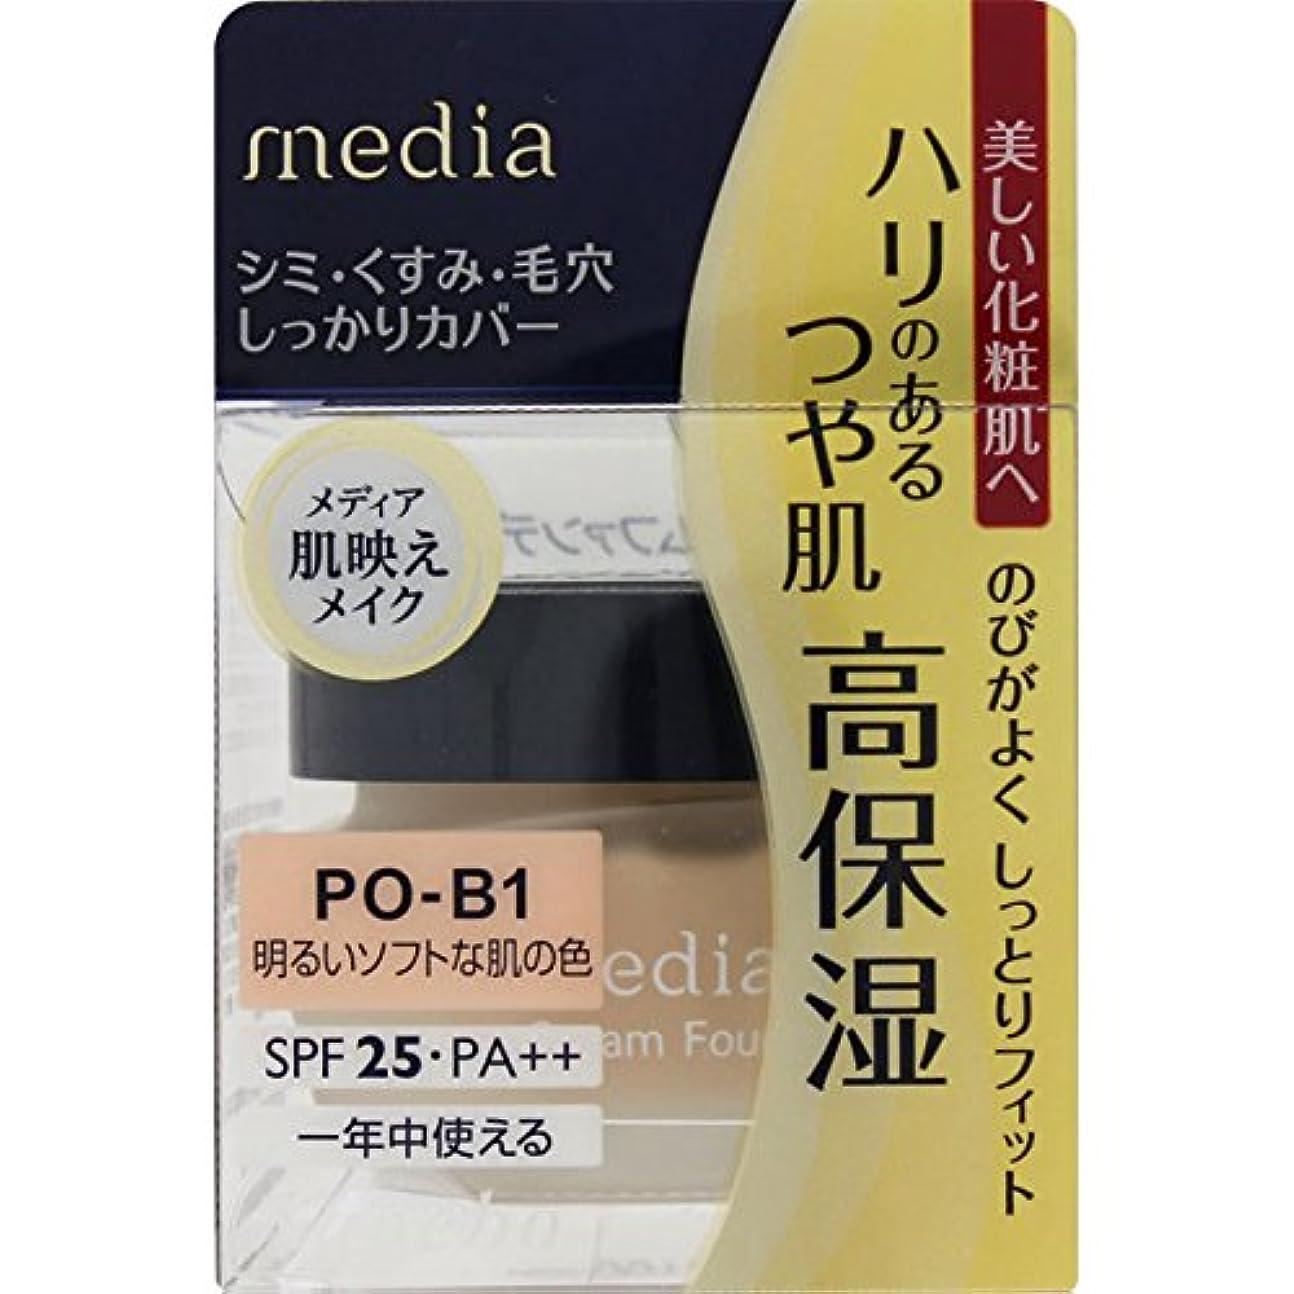 ラバマイナストレードカネボウ化粧品 メディア クリームファンデーション 明るいソフトな肌の色 POーB1